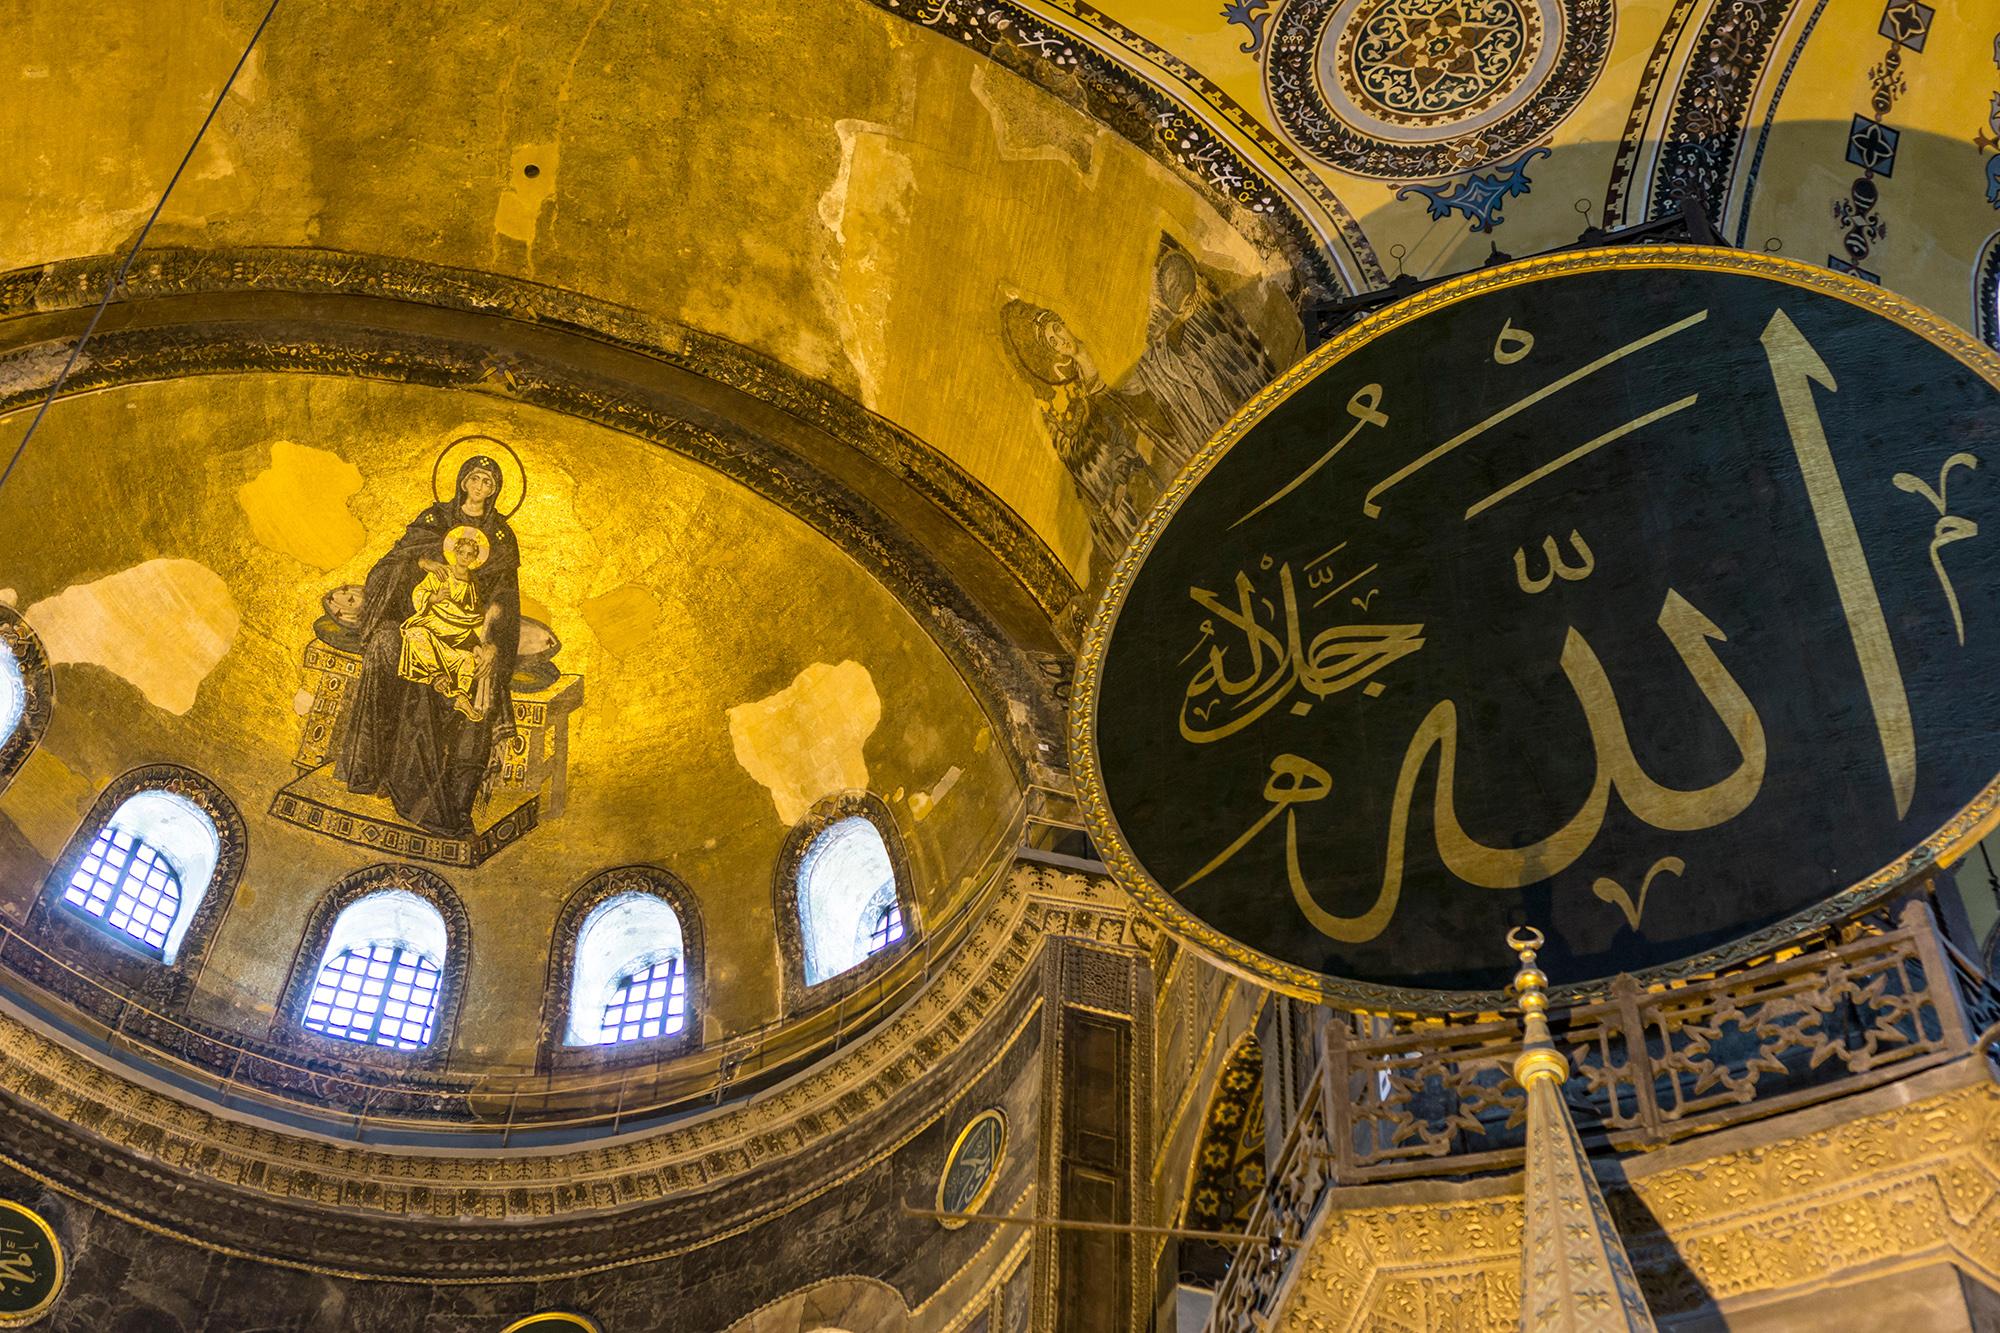 Христианские мозаики иисламская каллиграфия вСоборе Святой Софии, 2018 год